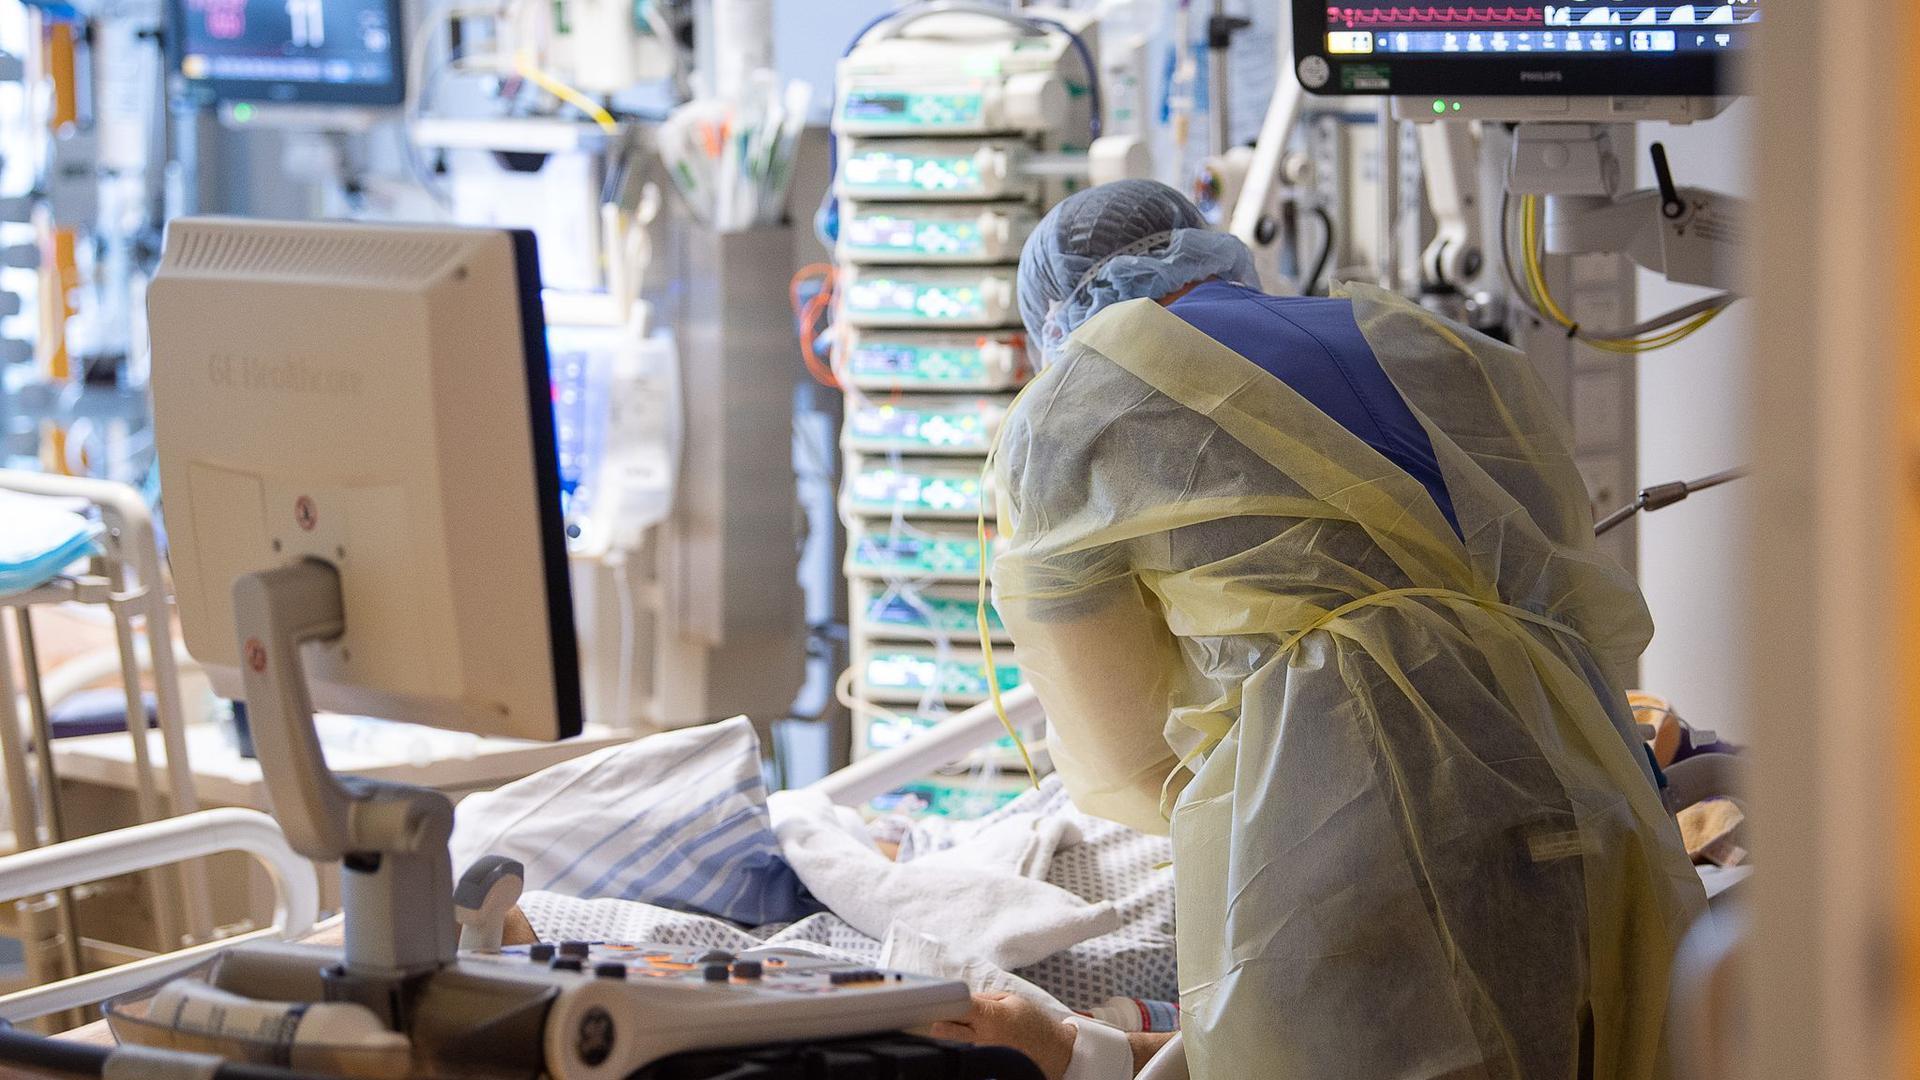 Ein Intensivpfleger betreut auf einer Intensivstation einen Covid-19-Patienten.